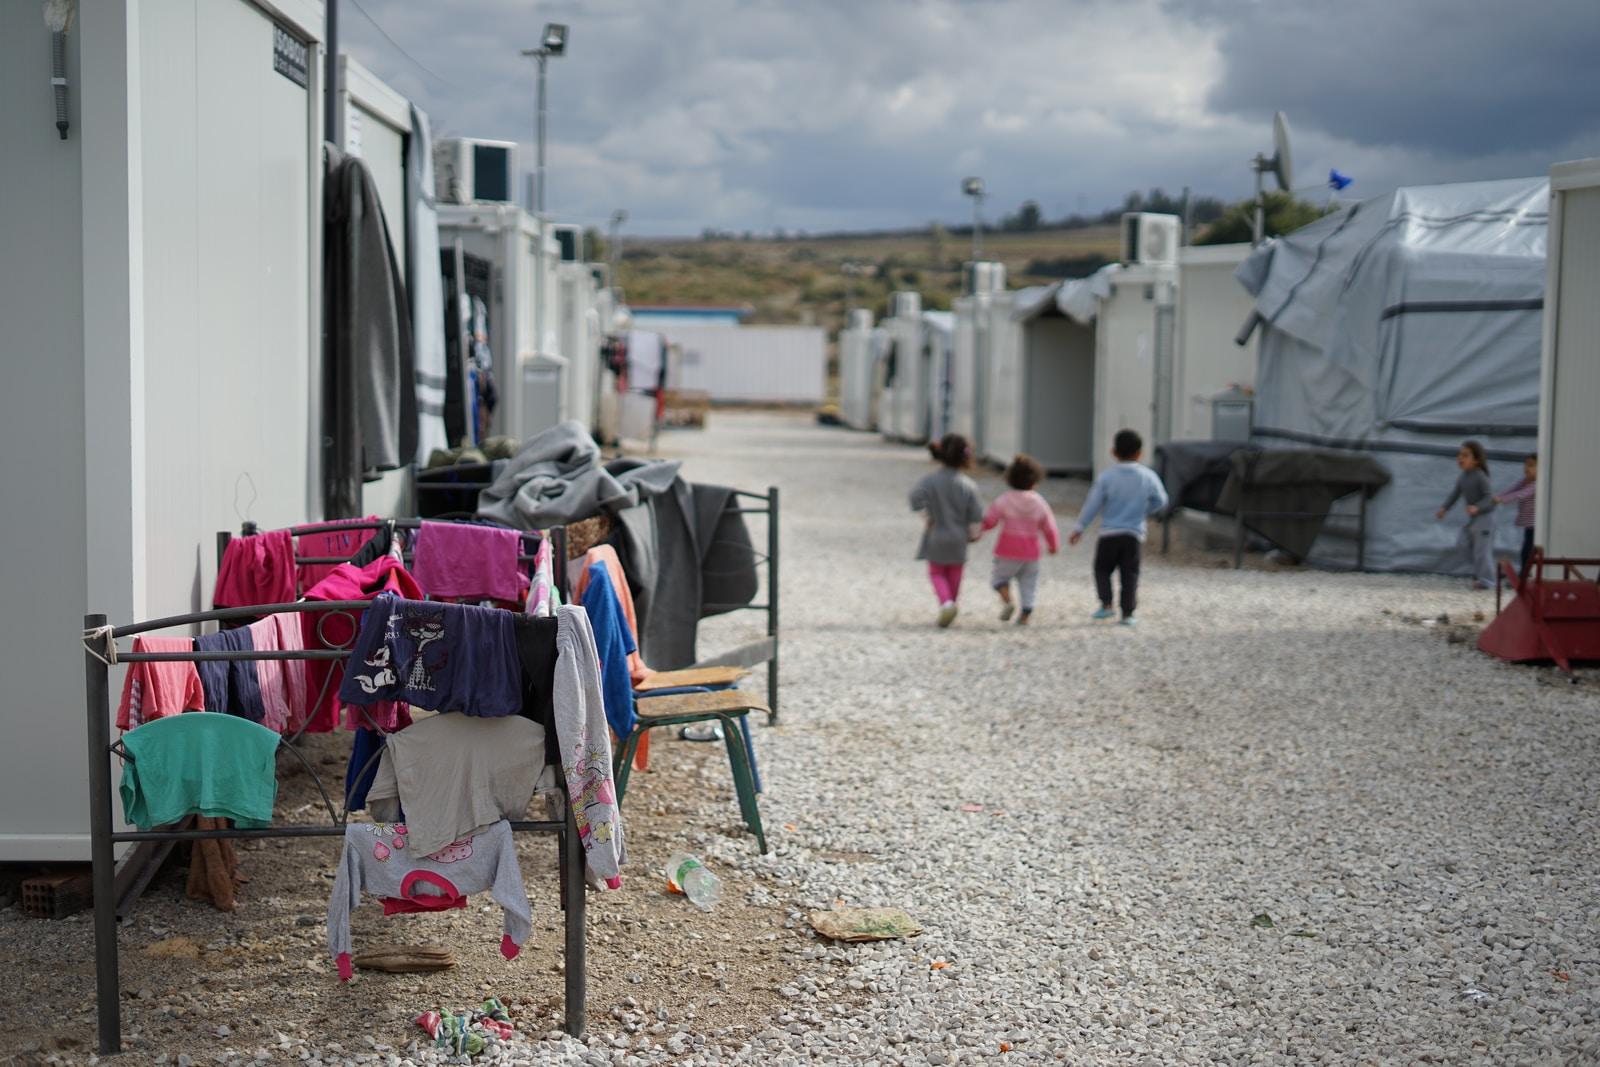 Com pandemia e fronteiras fechadas, pedidos de refúgio caíram pela metade no Brasil em 2020